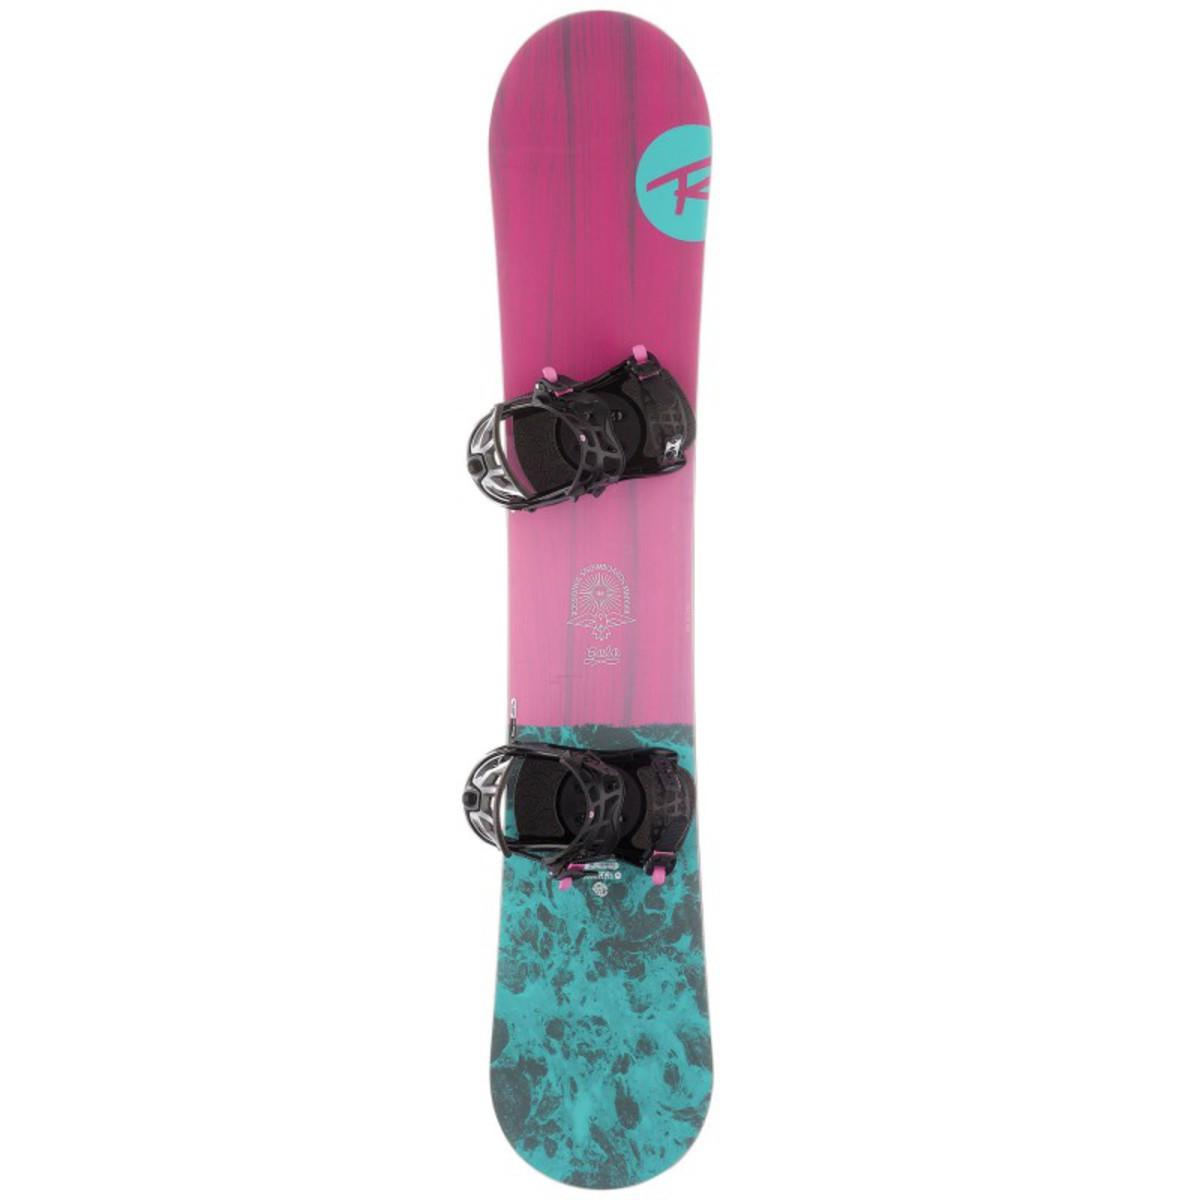 Bild 1 von ROSSIGNOL Snowboard-Set Allmountain Gala Damen rosa/blau, Größe: 146 CM